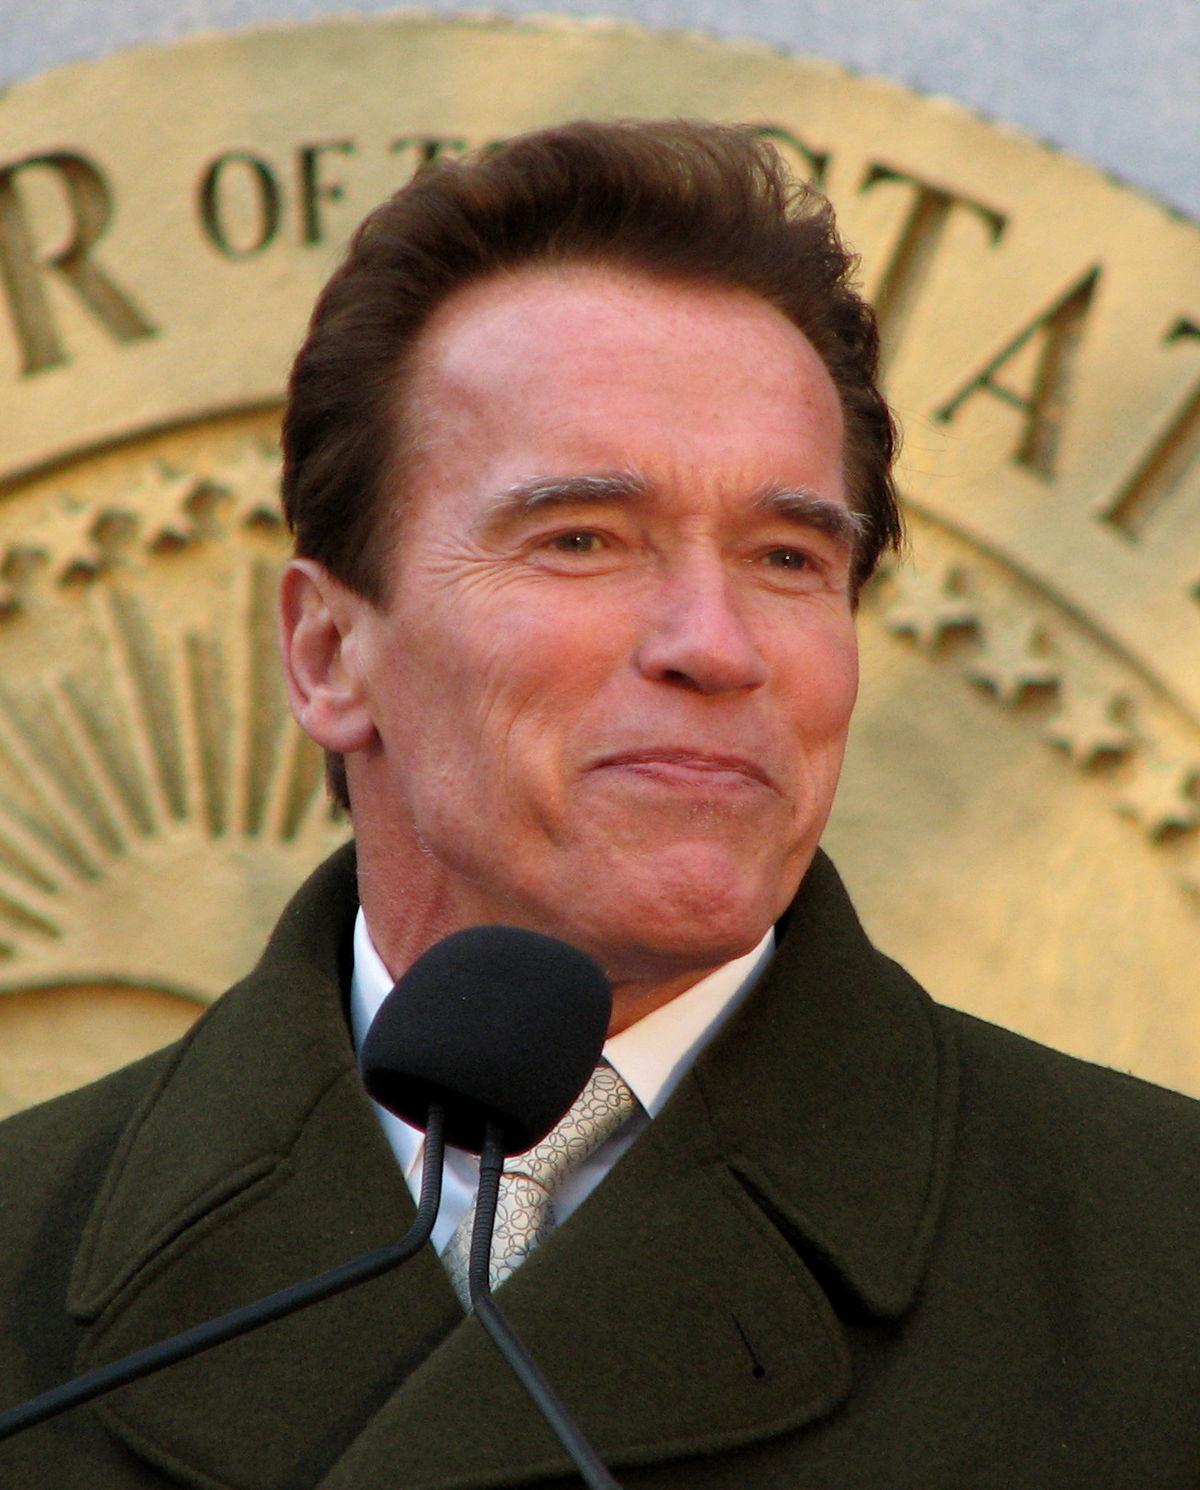 Arnold Schwarzenegger - Wikiquote Arnold Schwarzenegger